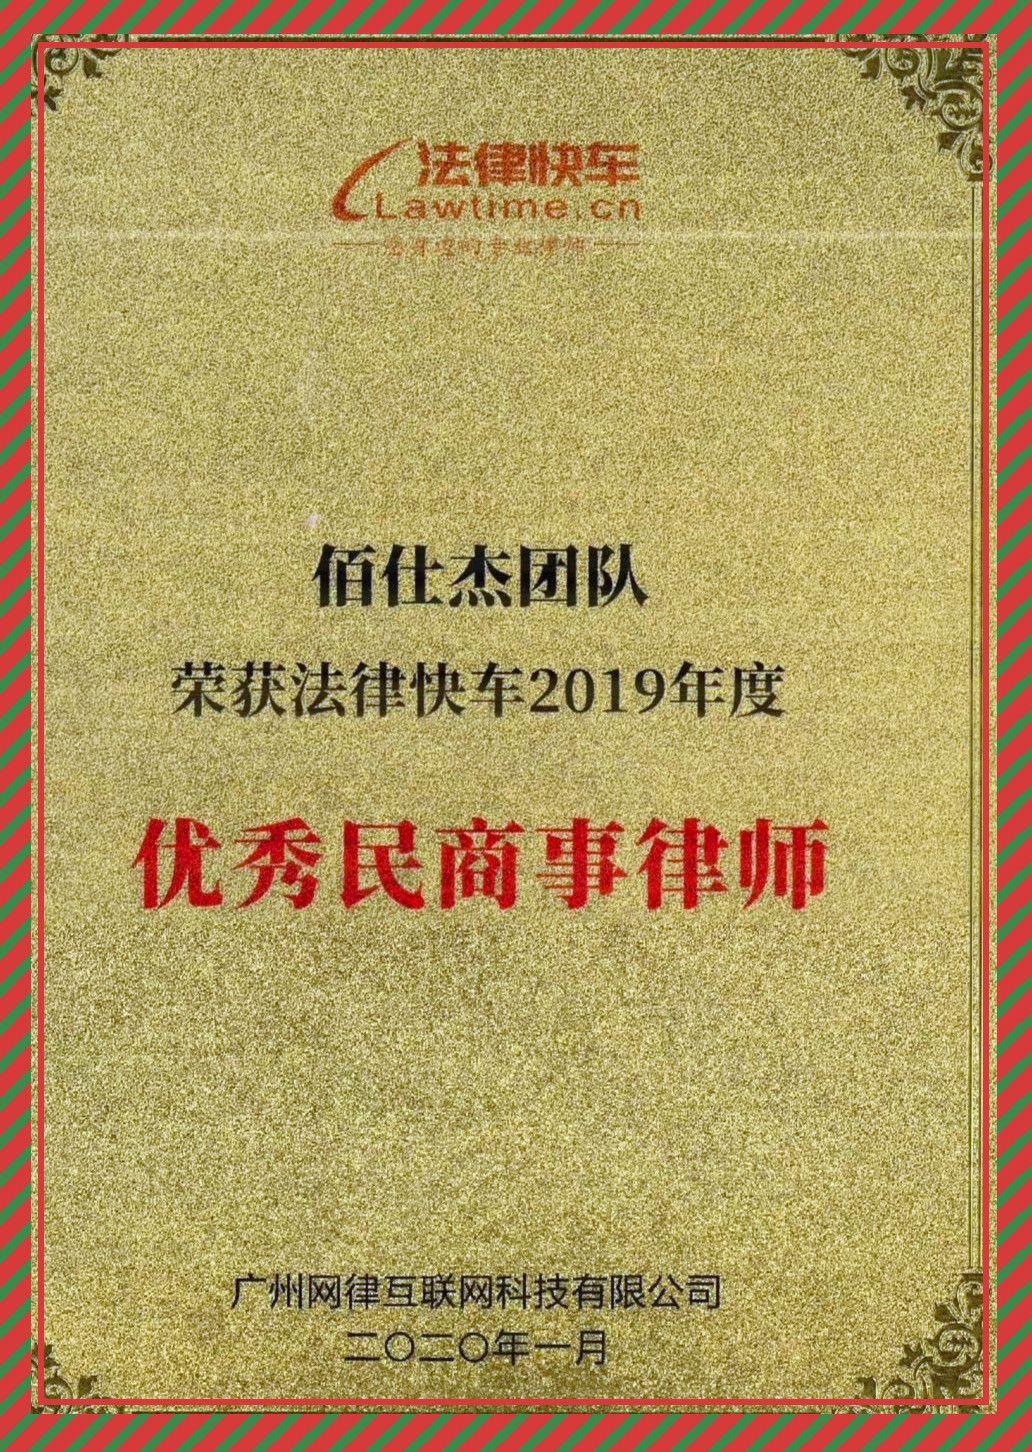 广州佰仕杰企业法律顾问律师团队喜获法律快车2019年优秀民商事律师团队称号